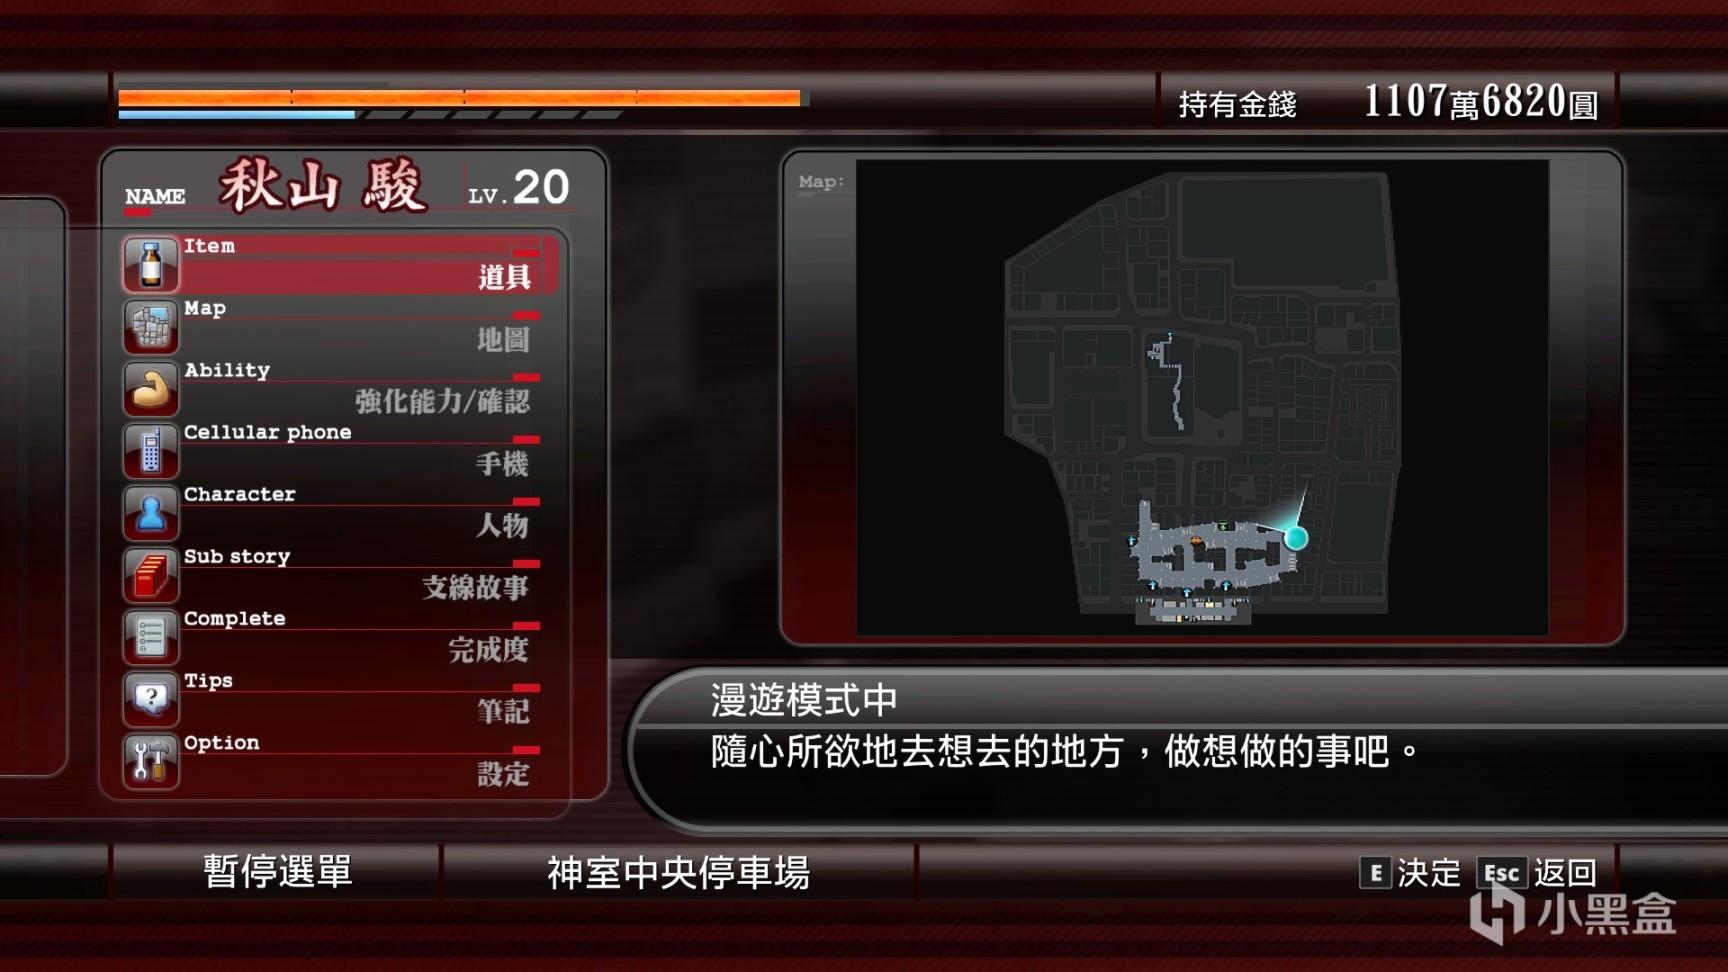 如龙(Yakuza)PC全系列(0~7)游戏介绍及游玩一览(中)插图28